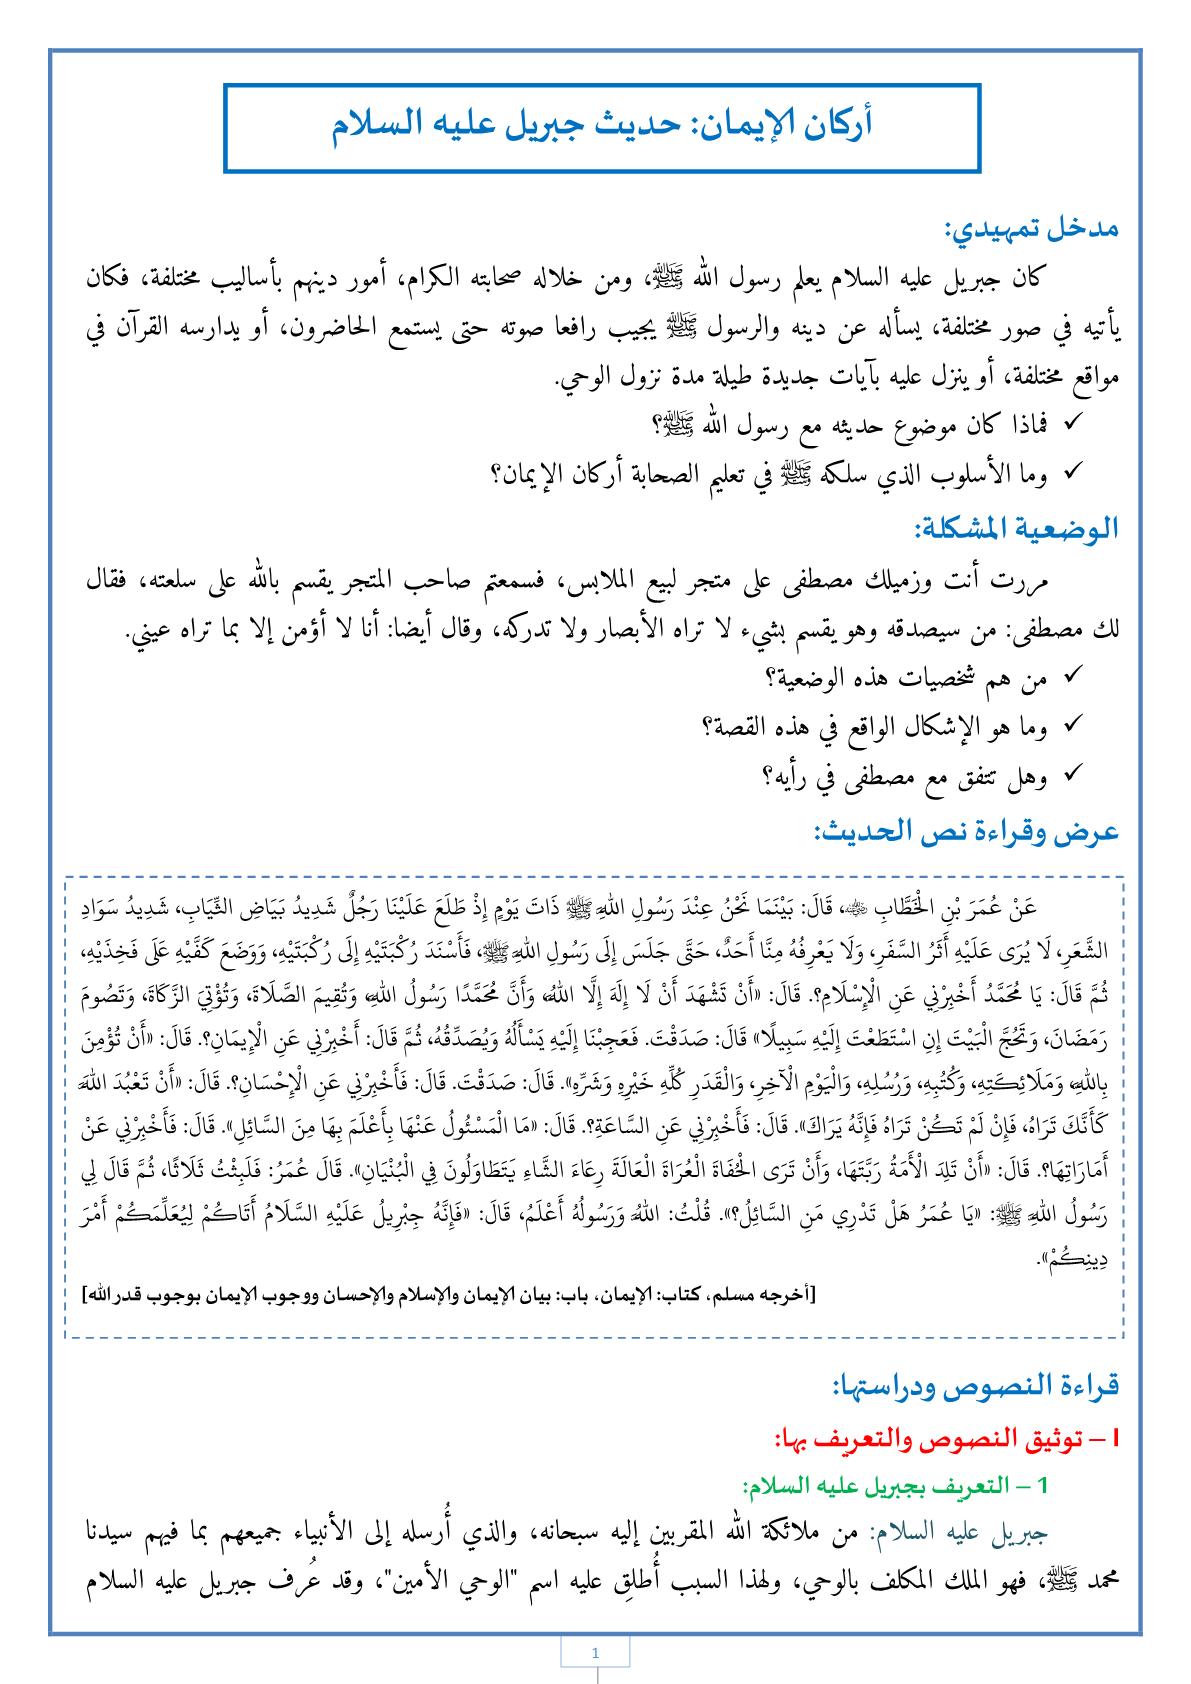 أركان الإيمان حديث جبريل في رحاب التربية الاسلامية